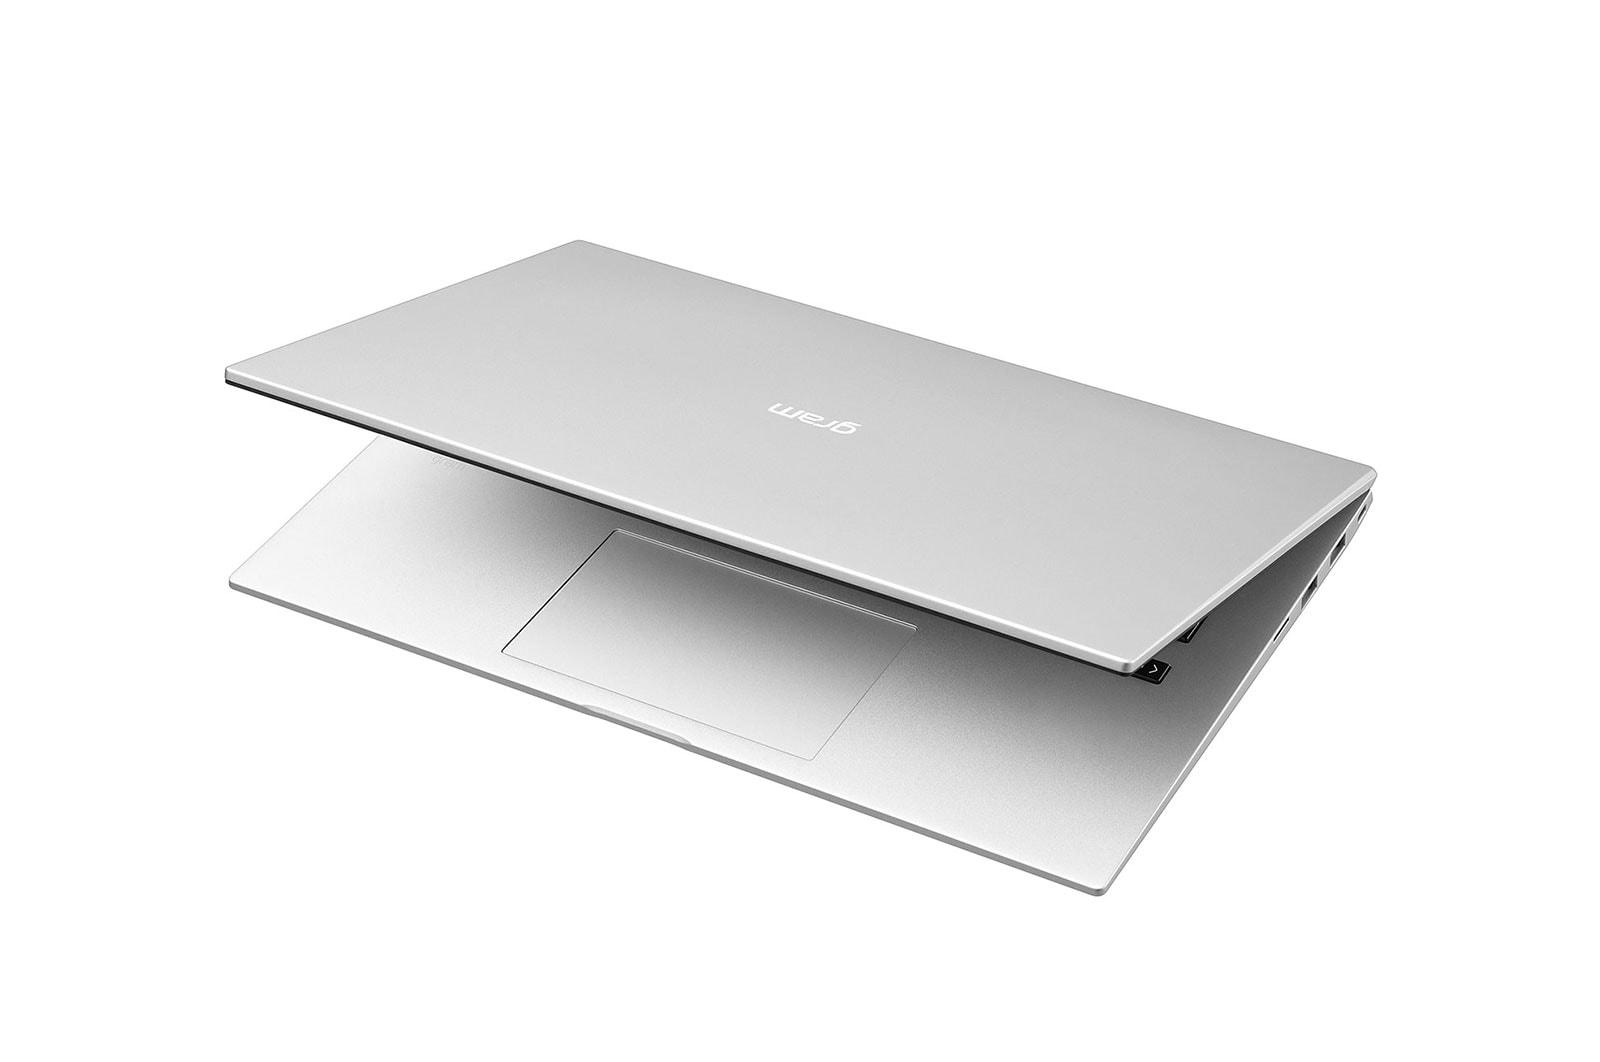 LG Laptop LG gram 14'', Intel® Core™ i5 Gen11, 16GB, 512GB, 16:10, Hình từ góc -30 độ và dựng màn một chút, 14ZD90P-G.AX56A5